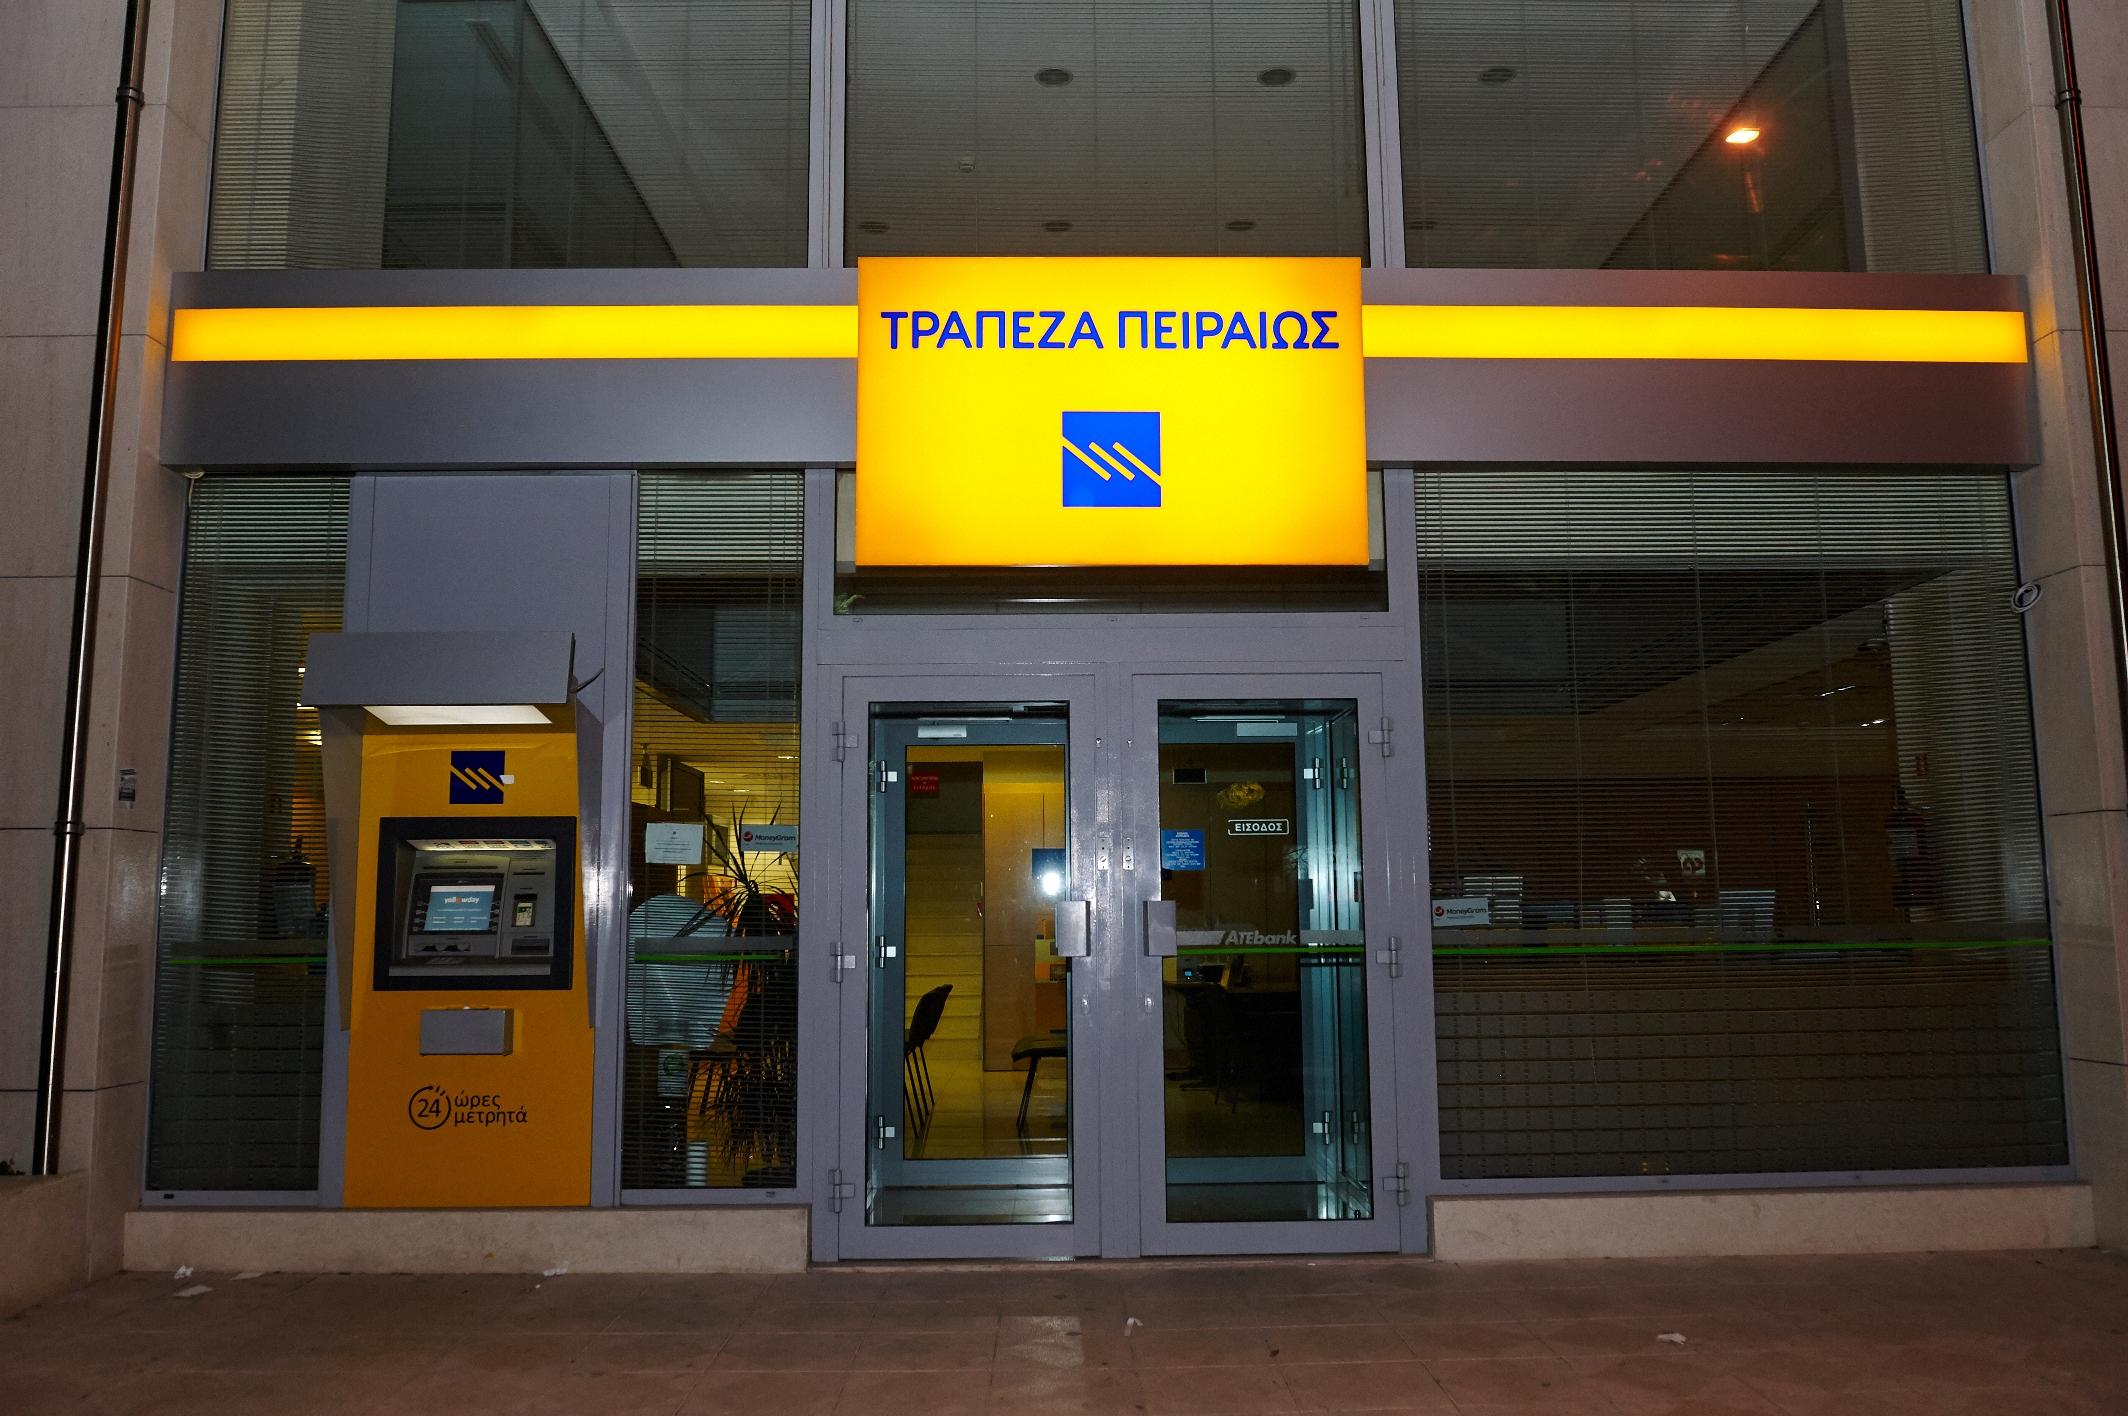 Θεσμική Ανεπάρκεια: Η νέα καταστροφή των μετόχων της Τράπεζας Πειραιώς